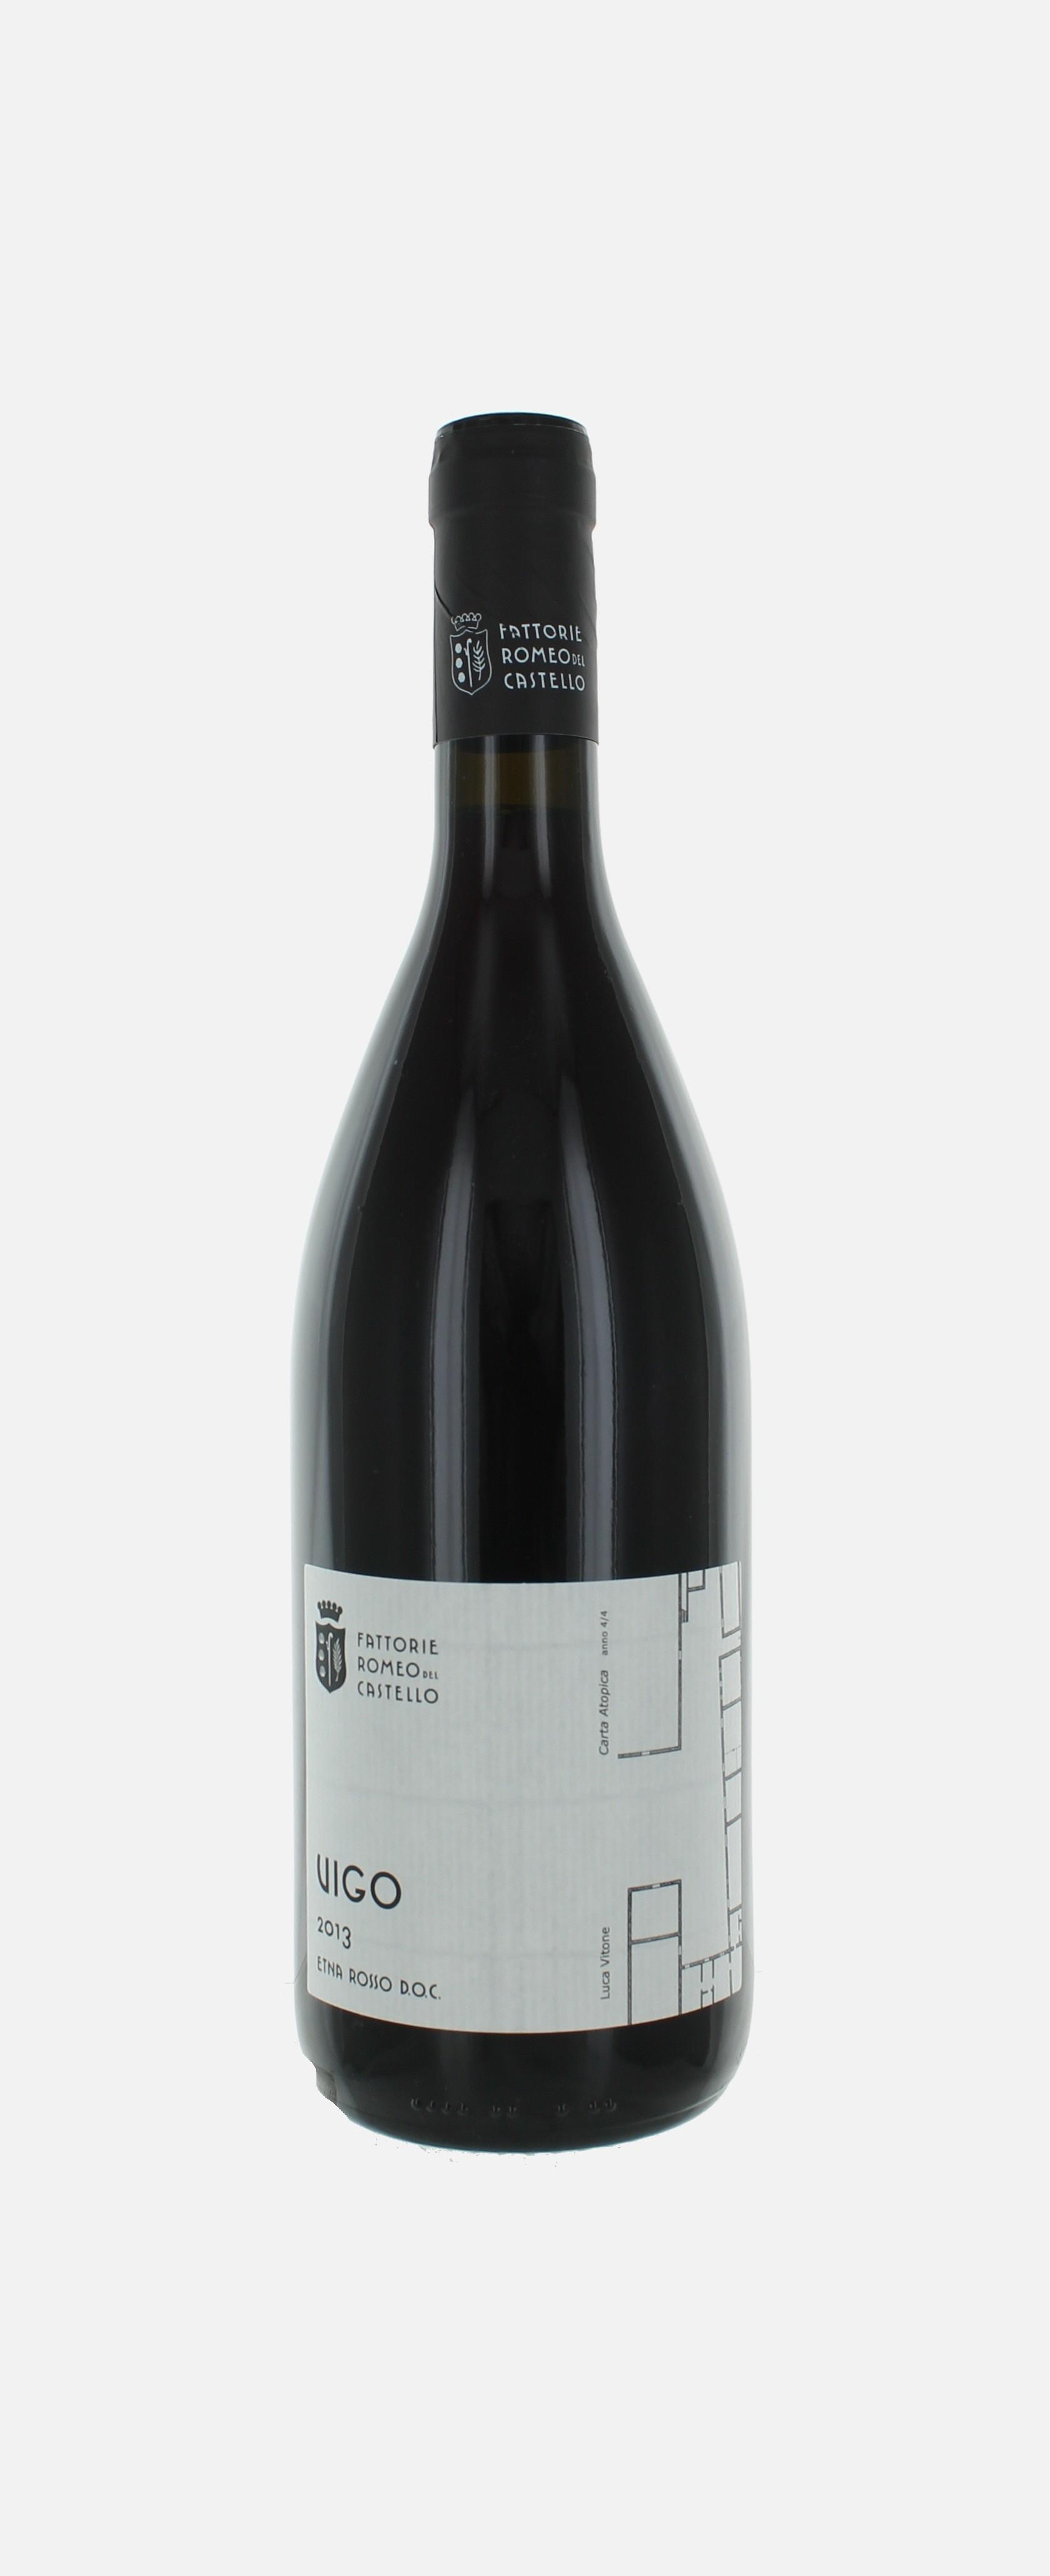 Vigo, Etna Rosso DOC, Fattorie Romeo del Castello